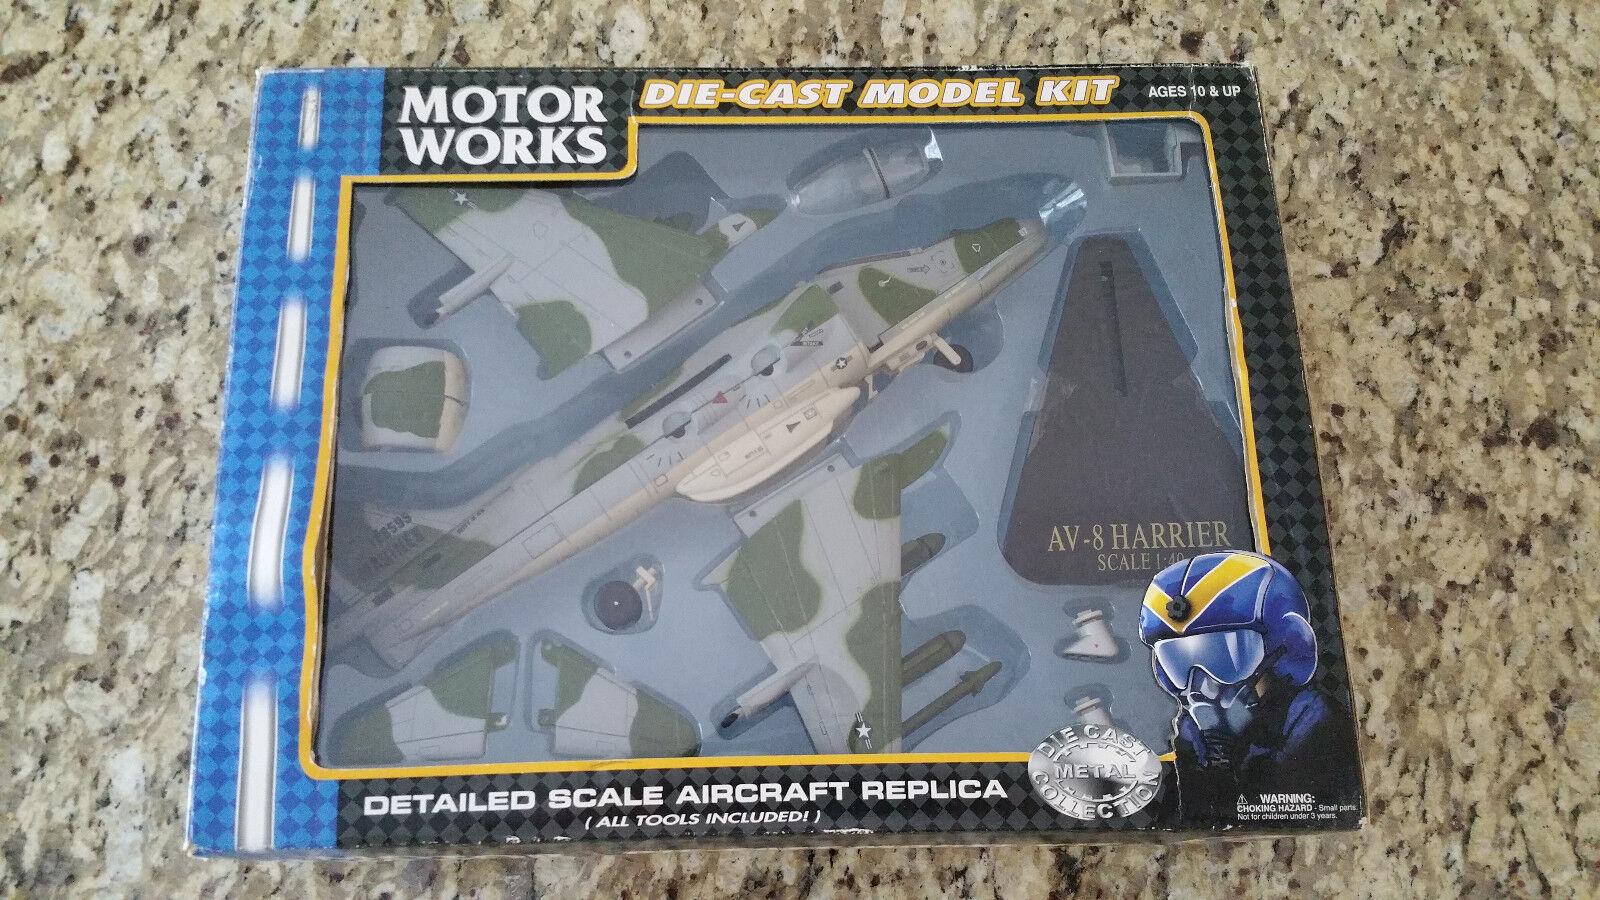 Motor Works AV-8 Harrier 1 40 Diecast Model Kit  88200 - New - Collector